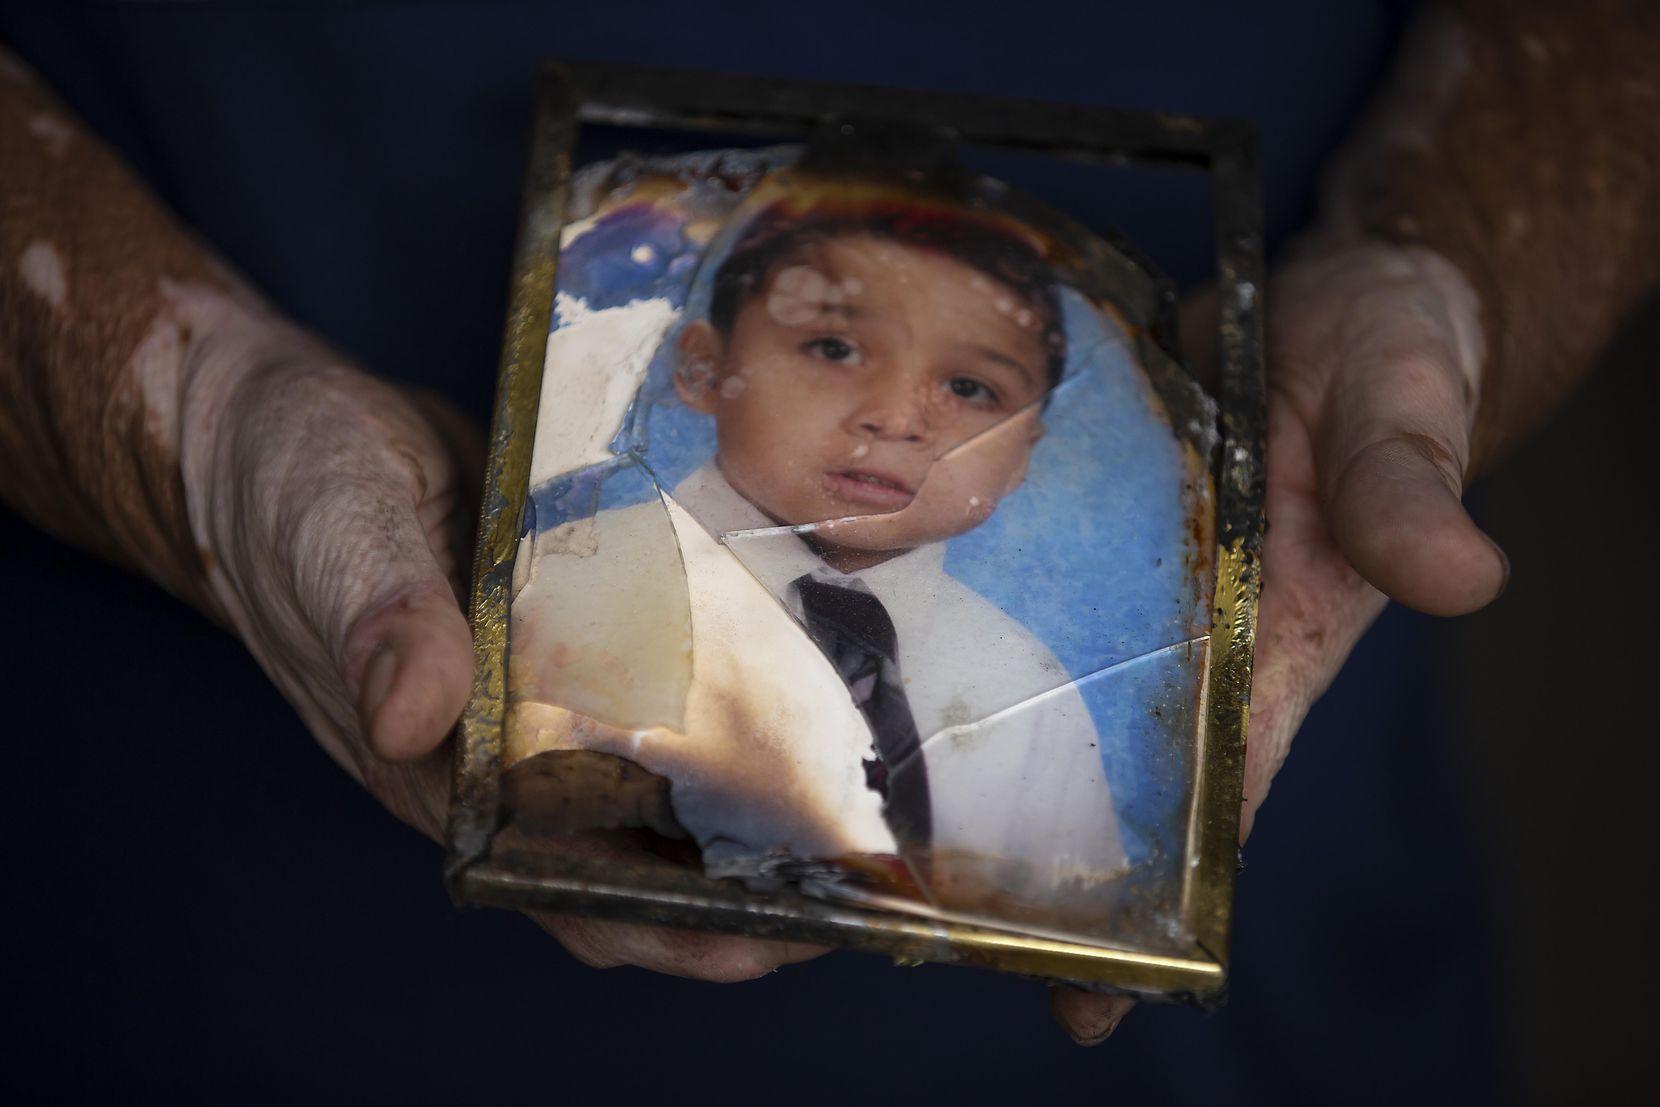 Domingo Méndez muestra una fotografía de su hijo Pablo, una de las pertenencias que recuperaron luego de que su casa explogó debido a una fuga de gas en 2011. SMILEY POOL/DMN